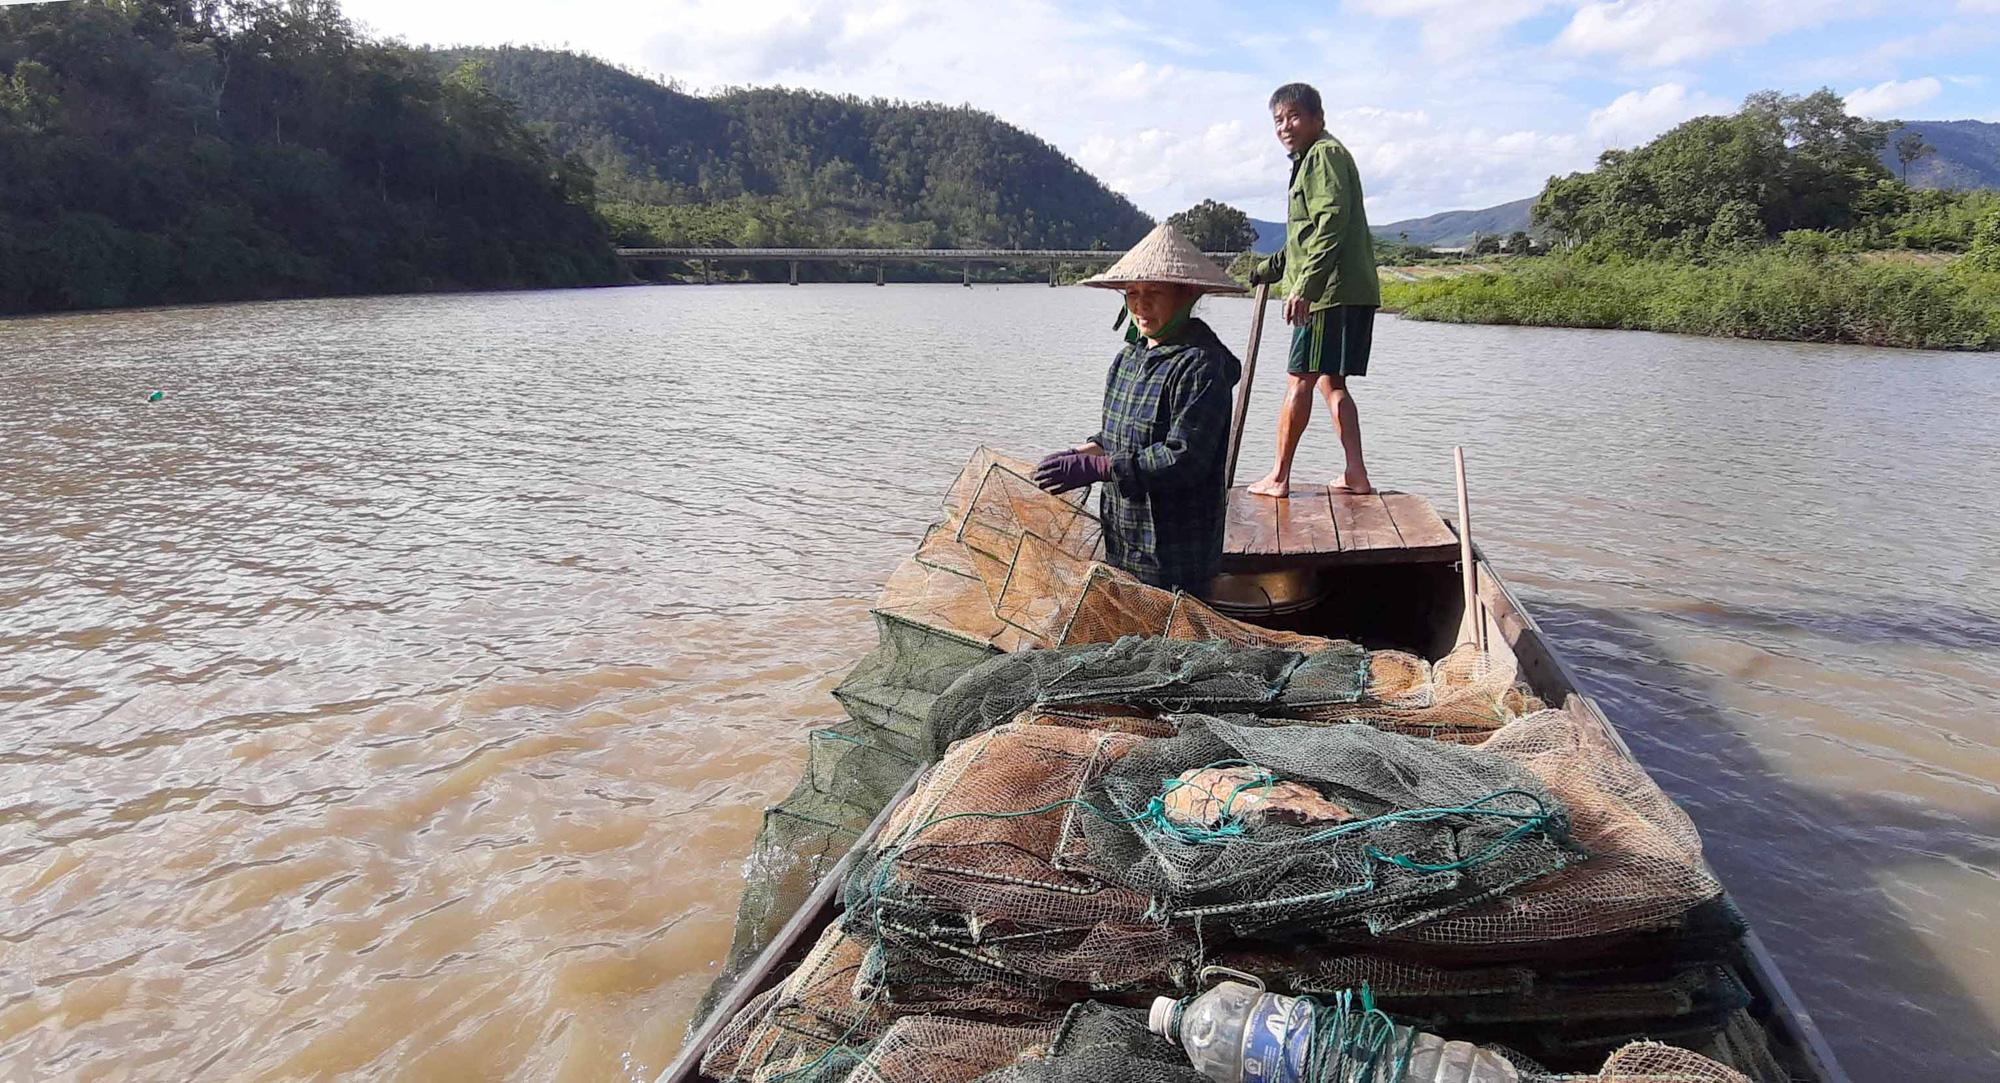 """Vùng đất nông dân buông lưới, đặt lờ """"rình"""" bắt những con cá quý hiếm mà thiên hạ tôn lên hàng cá đặc sản - Ảnh 2."""